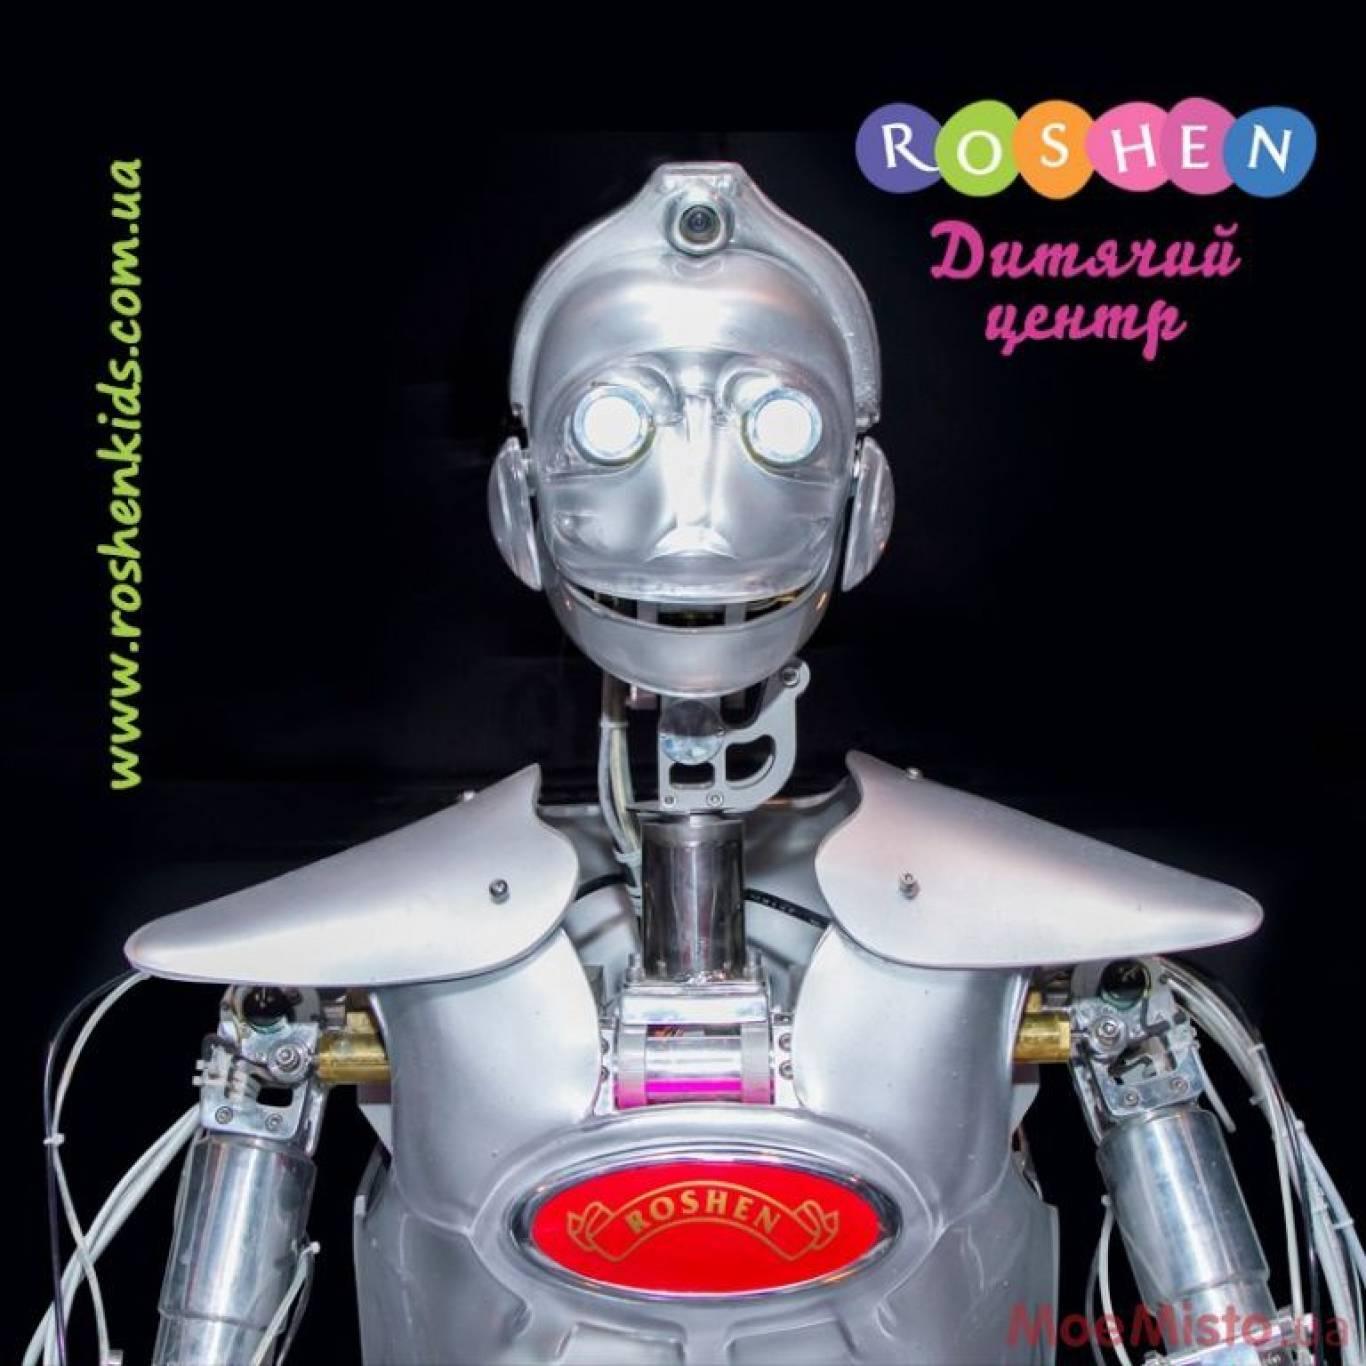 Дитячий розважальний центр Roshen в м.Вінниця - найбільший QUEST- ROOM в Україні